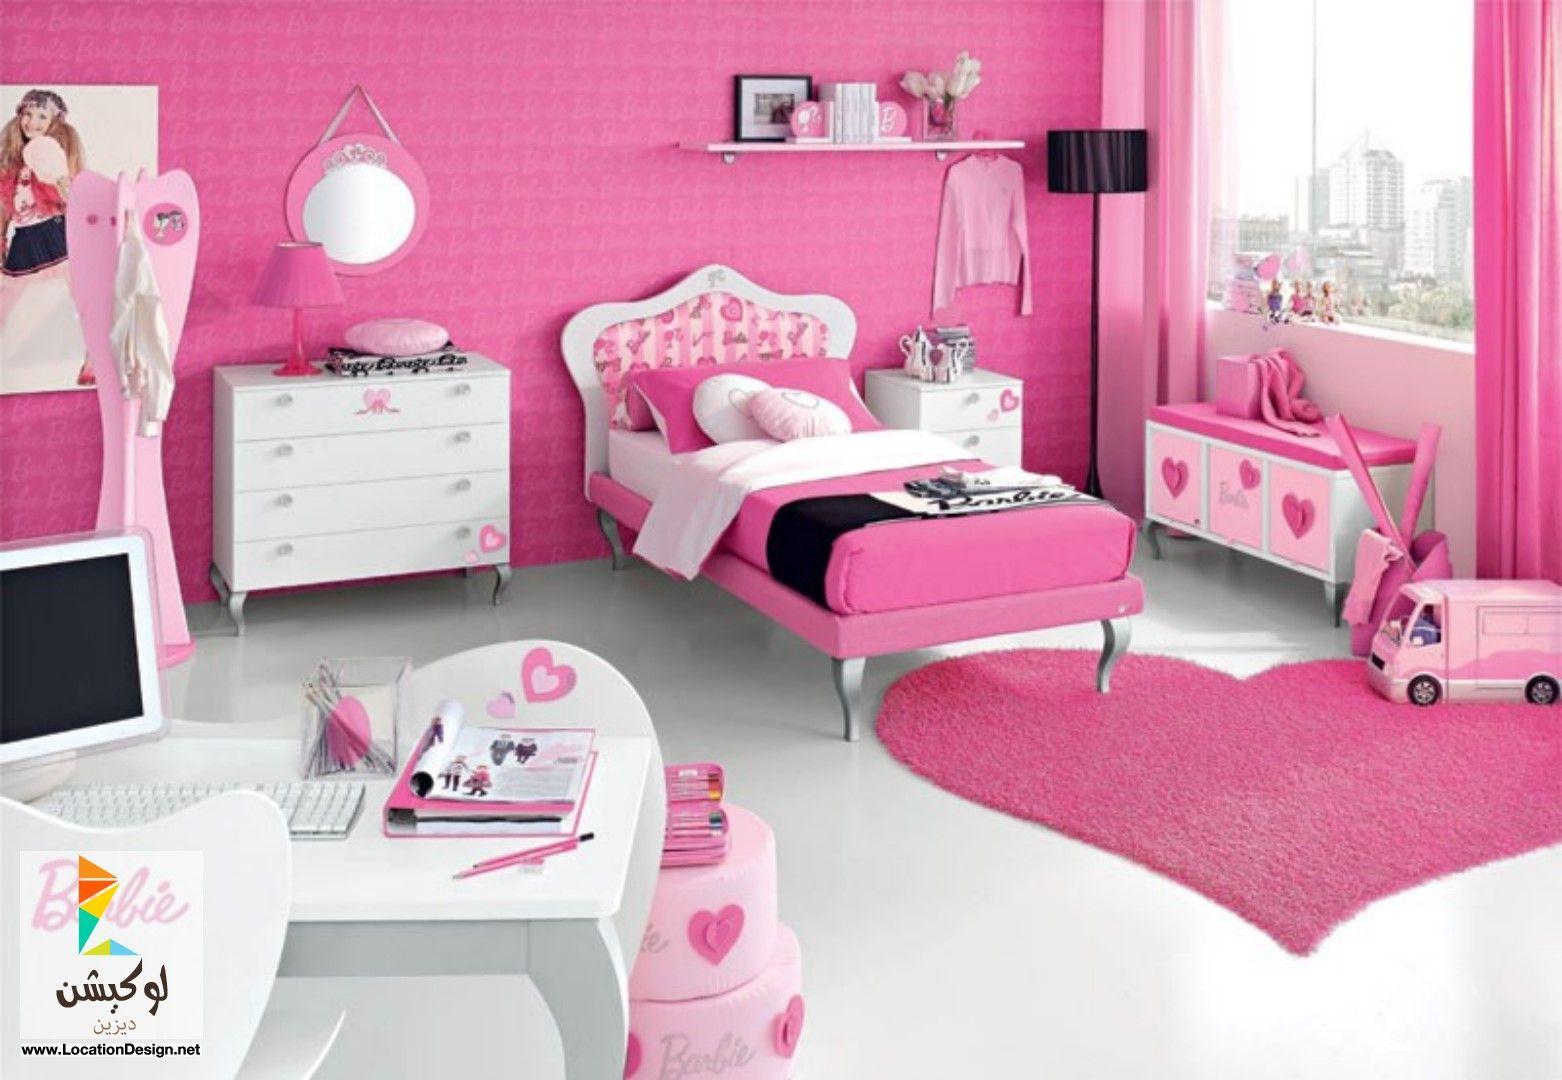 نقدم لكم مجموعه من أرقى التصاميم الحديثه لديكور غرف نوم اطفال للبنات بأفضل الديكورات المميزه لغرف الأطفا Barbie Room Pink Bedroom For Girls Pink Bedroom Design